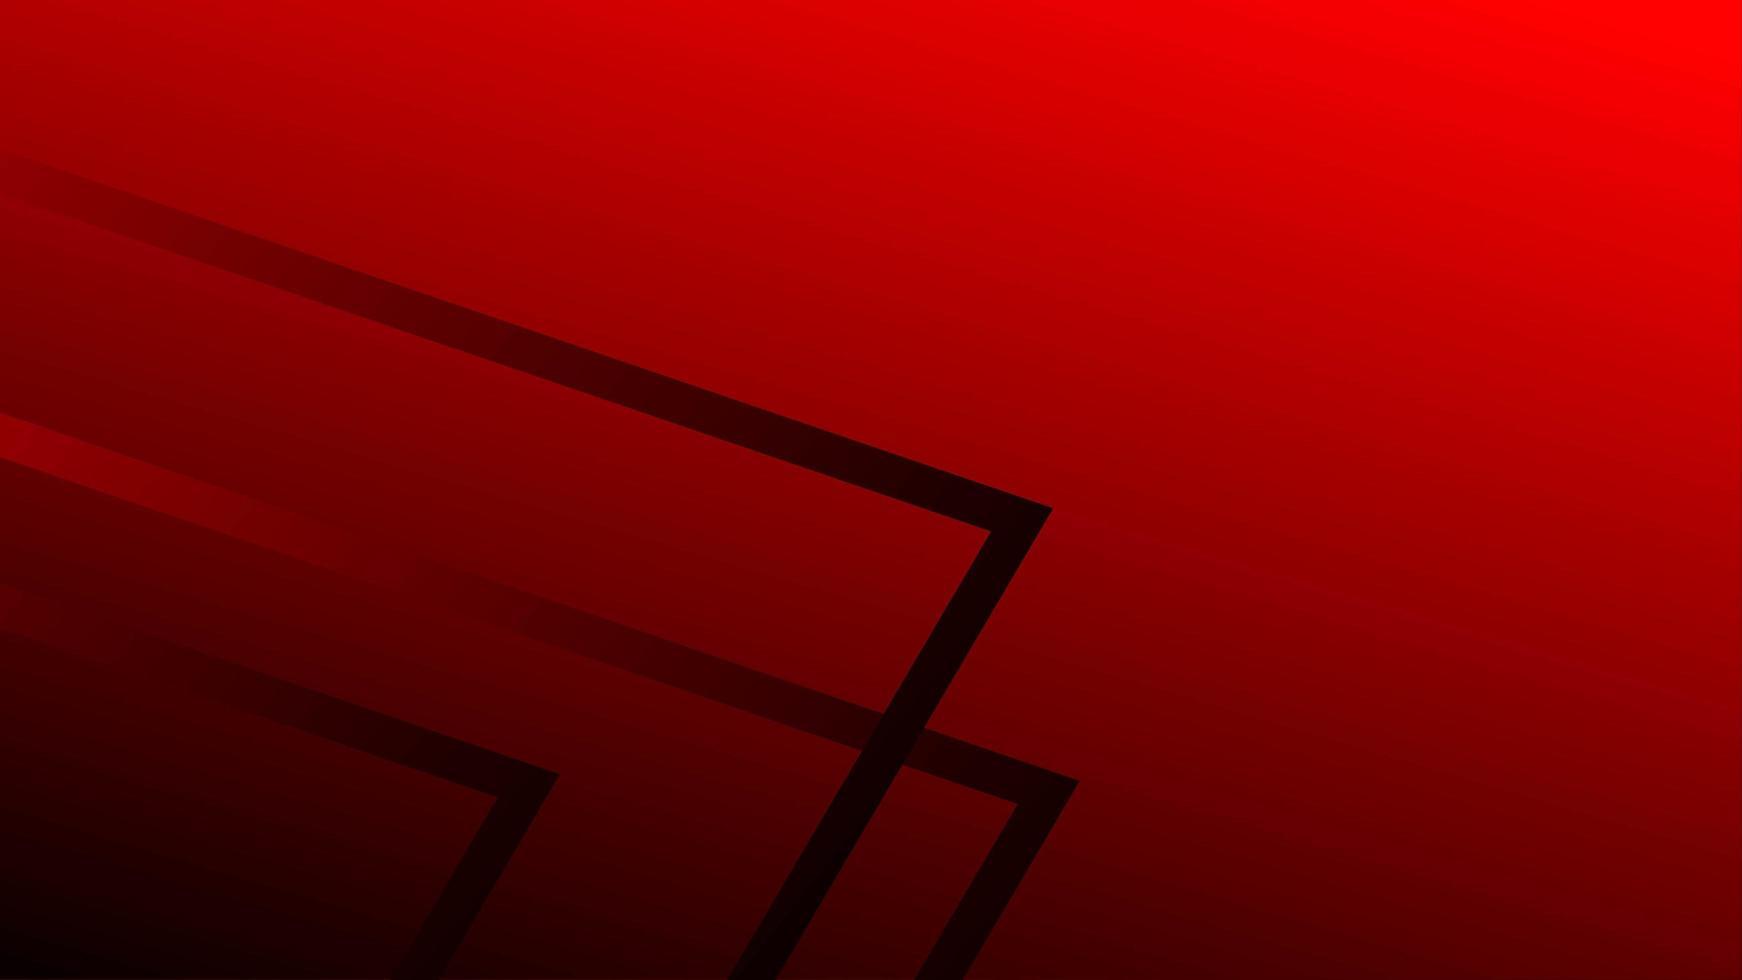 fond dégradé noir rouge vecteur